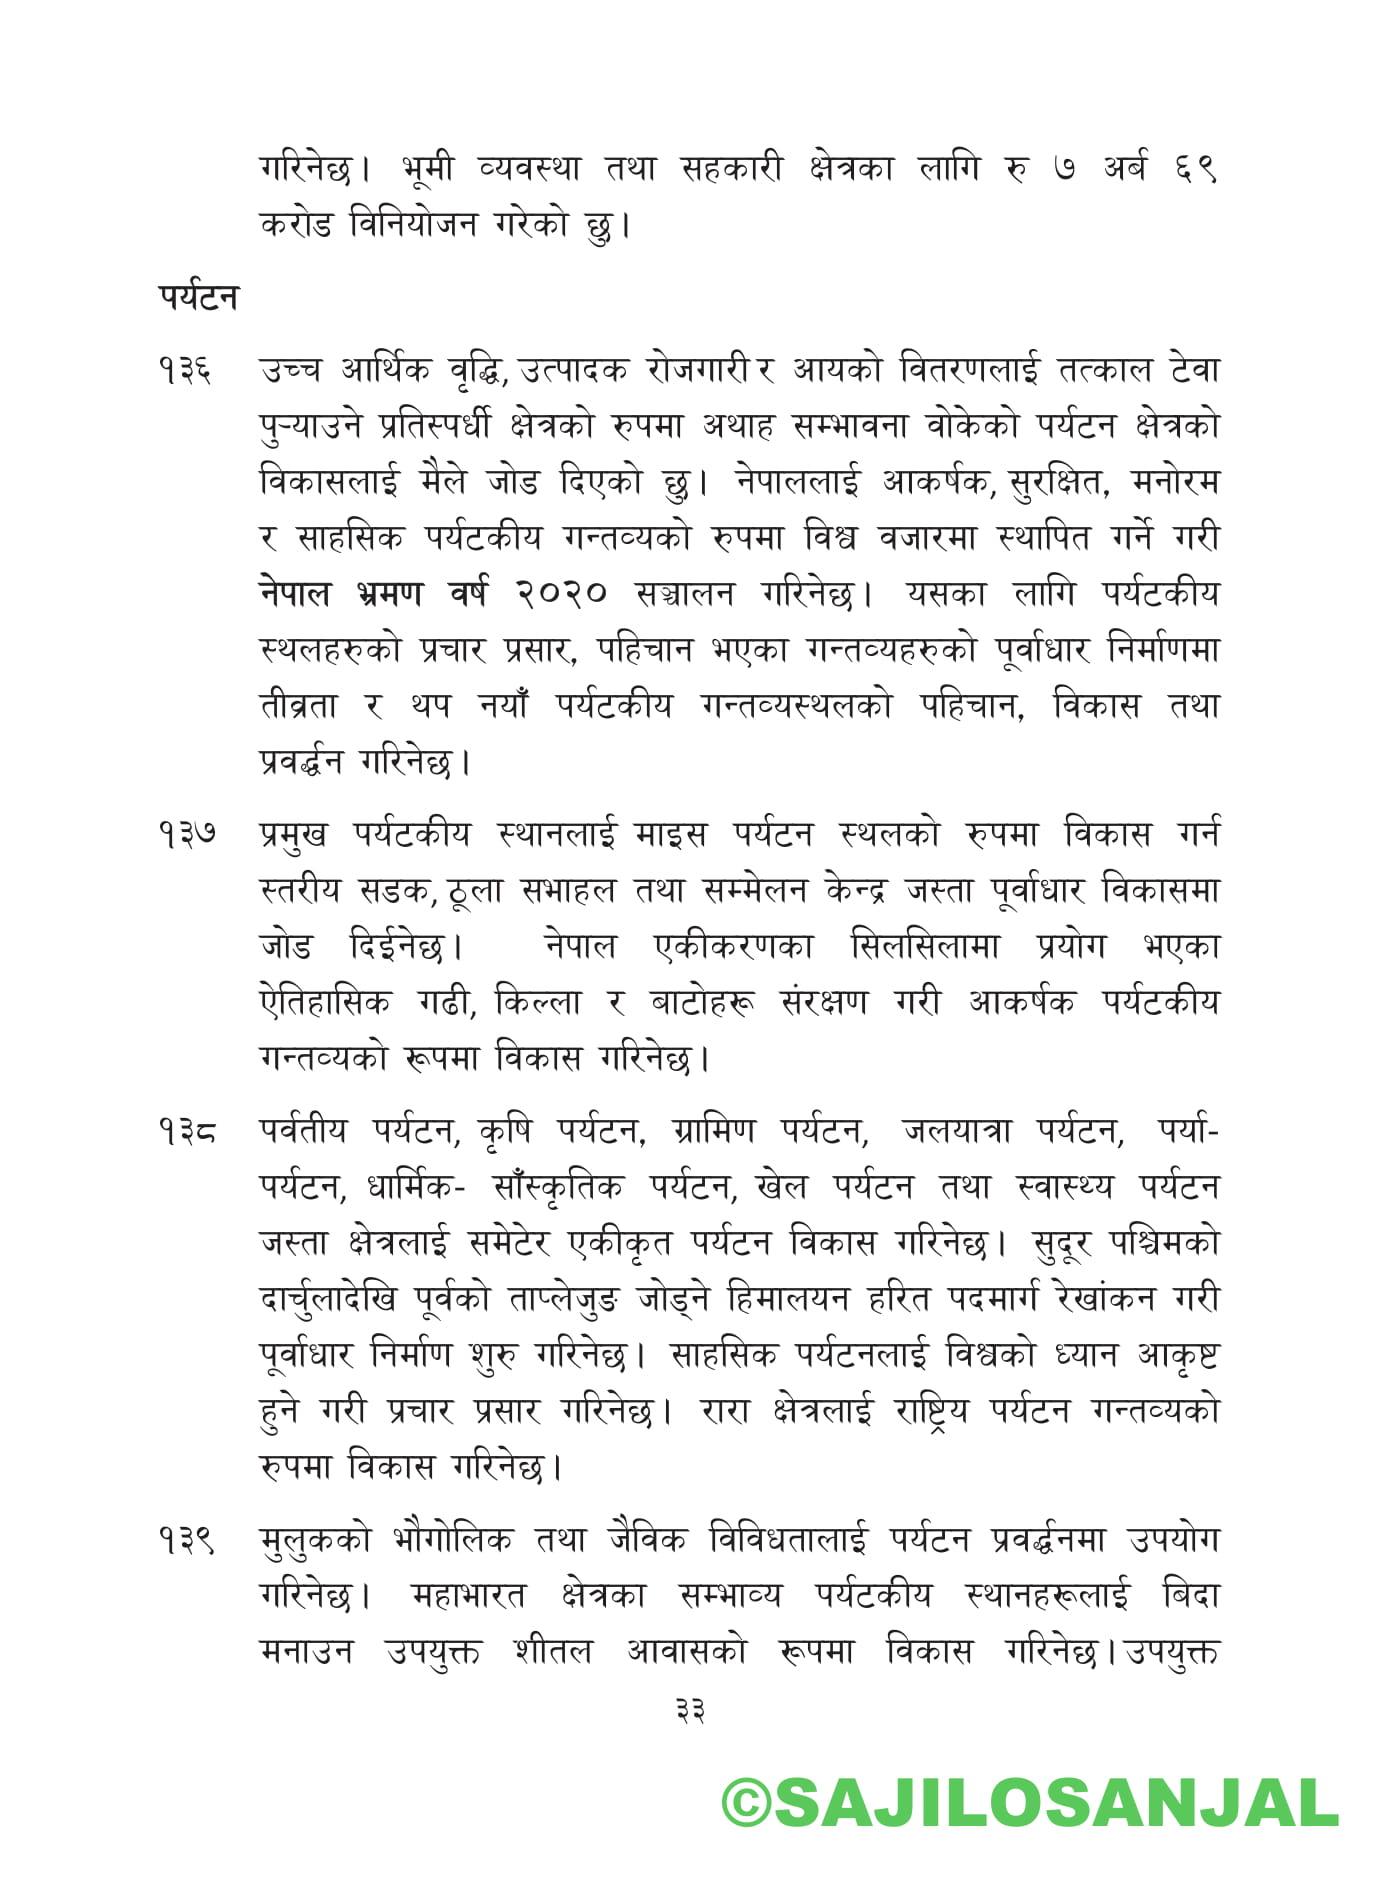 अार्थिक वर्ष, बजेट भाषण २०७६-०७७ को बजेट भाषण, bajet bhasan, bajet bhashan, bajet bhasan 2076, bajet bhashan 2076, Budget Speech, २०७६/७७ बजेट, अार्थिक वर्ष २०७६/७७ बजेट भाषण, Budget Speech 2076/77, Budget 2076/77, Budget 2076, बजेट २०७६/७७, बजेट २०७६, बजेट बर्गिकरण, नेपालको बजेट २०७५/७६ pdf, आर्थिक वर्ष २०७५/७६ को बजेट, बजेट 2075/76 pdf, बजेट २०७५/७६ मा शिक्षा, सरकारी बजेट, आर्थिक बर्ष २०७५/७६ को बजेट, bajet bhasan pdf, bajet bhashan pdf अार्थिक वर्ष, बजेट भाषण २०७६-०७७ को बजेट भाषण, bajet bhasan, bajet bhashan, bajet bhasan 2076, bajet bhashan 2076, Budget Speech, २०७६/७७ बजेट, अार्थिक वर्ष २०७६/७७ बजेट भाषण, Budget Speech 2076/77, Budget 2076/77, Budget 2076, बजेट २०७६/७७, बजेट २०७६, बजेट बर्गिकरण, नेपालको बजेट २०७५/७६ pdf, आर्थिक वर्ष २०७५/७६ को बजेट, बजेट 2075/76 pdf, बजेट २०७५/७६ मा शिक्षा, सरकारी बजेट, आर्थिक बर्ष २०७५/७६ को बजेट, bajet bhasan pdf, bajet bhashan pdf